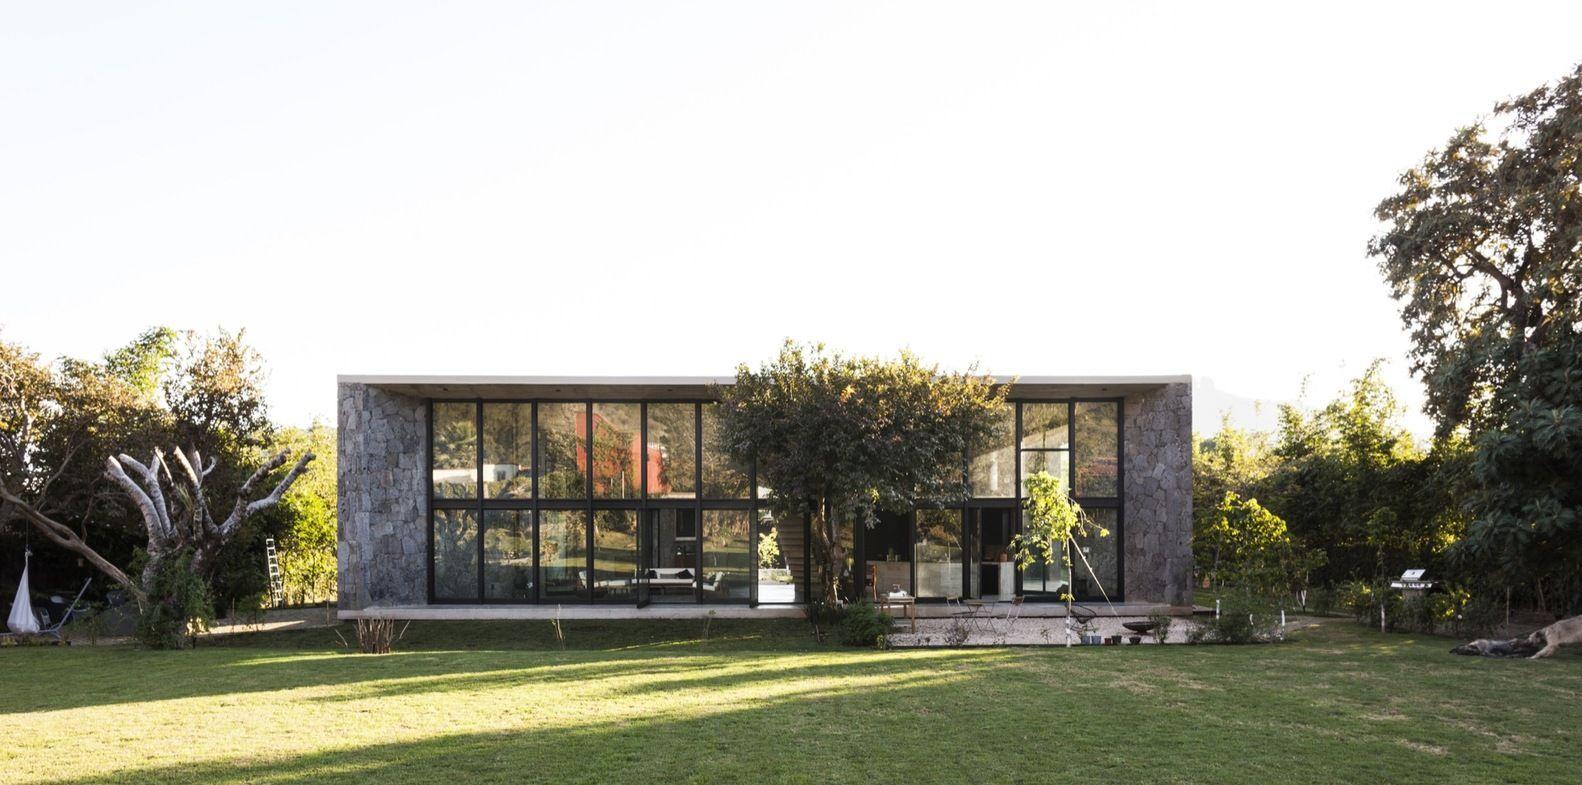 Galería de Casa MA / Cadaval & Solà-Morales - 11